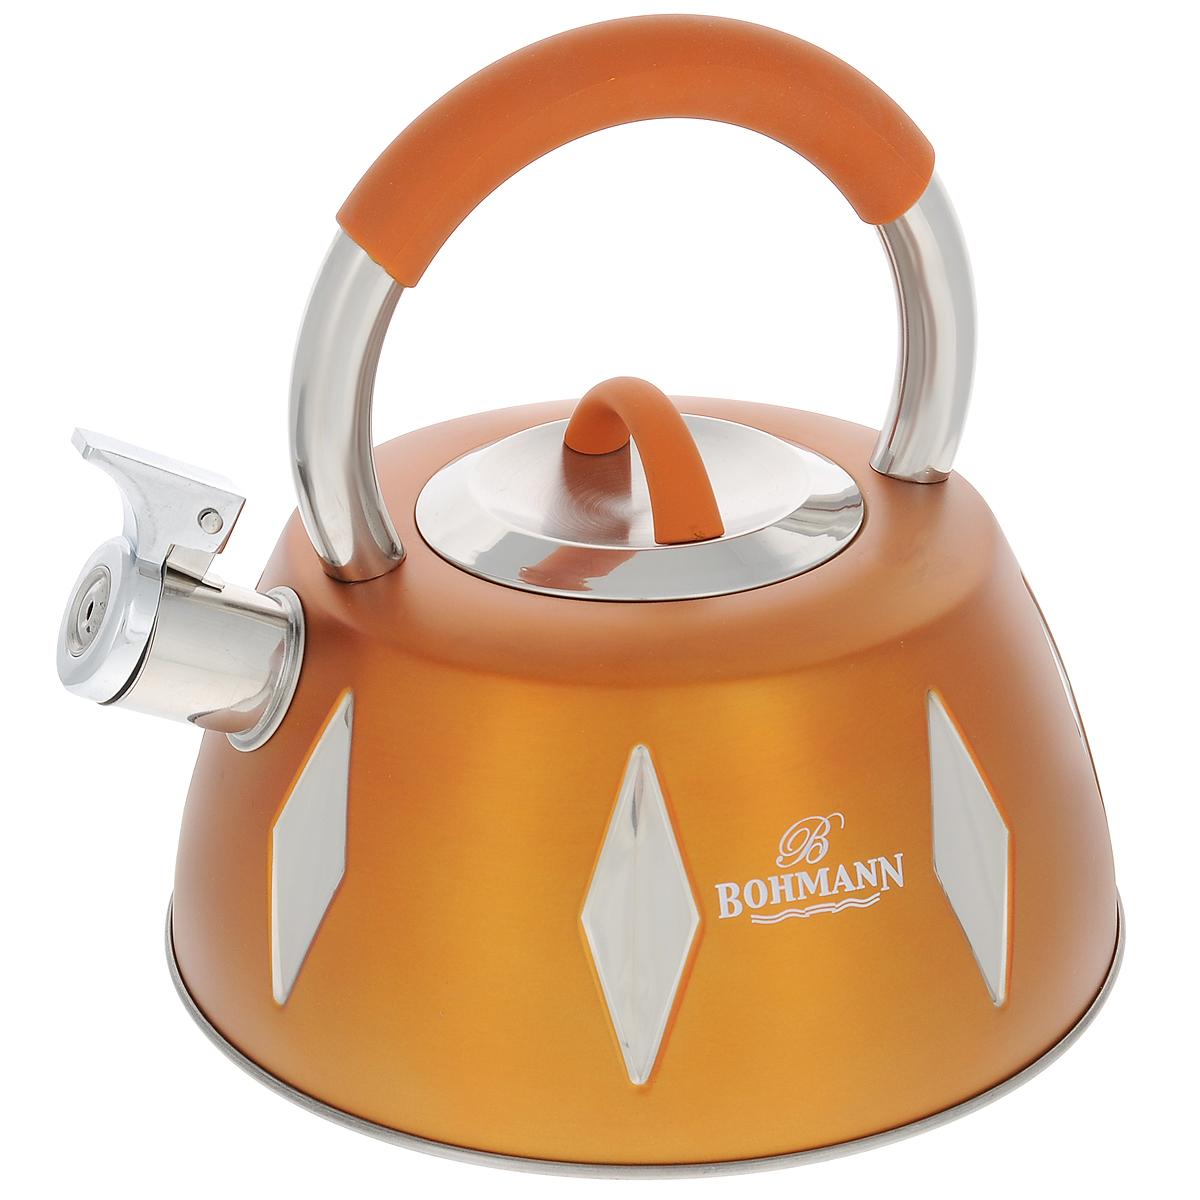 Чайник Bohmann со свистком, цвет: желтый, 3,5 л. BH - 9948BH - 9948 желтыйЧайник Bohmann изготовлен из высококачественной нержавеющей стали с цветным матовым покрытием. Нержавеющая сталь - материал, из которого в течение нескольких десятилетий во всем мире производятся столовые приборы, кухонные инструменты и различные аксессуары. Этот материал обладает высокой стойкостью к коррозии и кислотам. Прочность, долговечность и надежность этого материала, а также первоклассная обработка обеспечивают практически неограниченный запас прочности и неизменно привлекательный внешний вид. Чайник оснащен удобной ручкой с цветной силиконовой вставкой, что предотвращает появление ожогов и обеспечивает безопасность использования. Носик чайника имеет откидной свисток, который подскажет, когда вода закипела. Можно использовать на газовых, электрических, галогеновых, стеклокерамических, индукционных плитах. Можно мыть в посудомоечной машине.